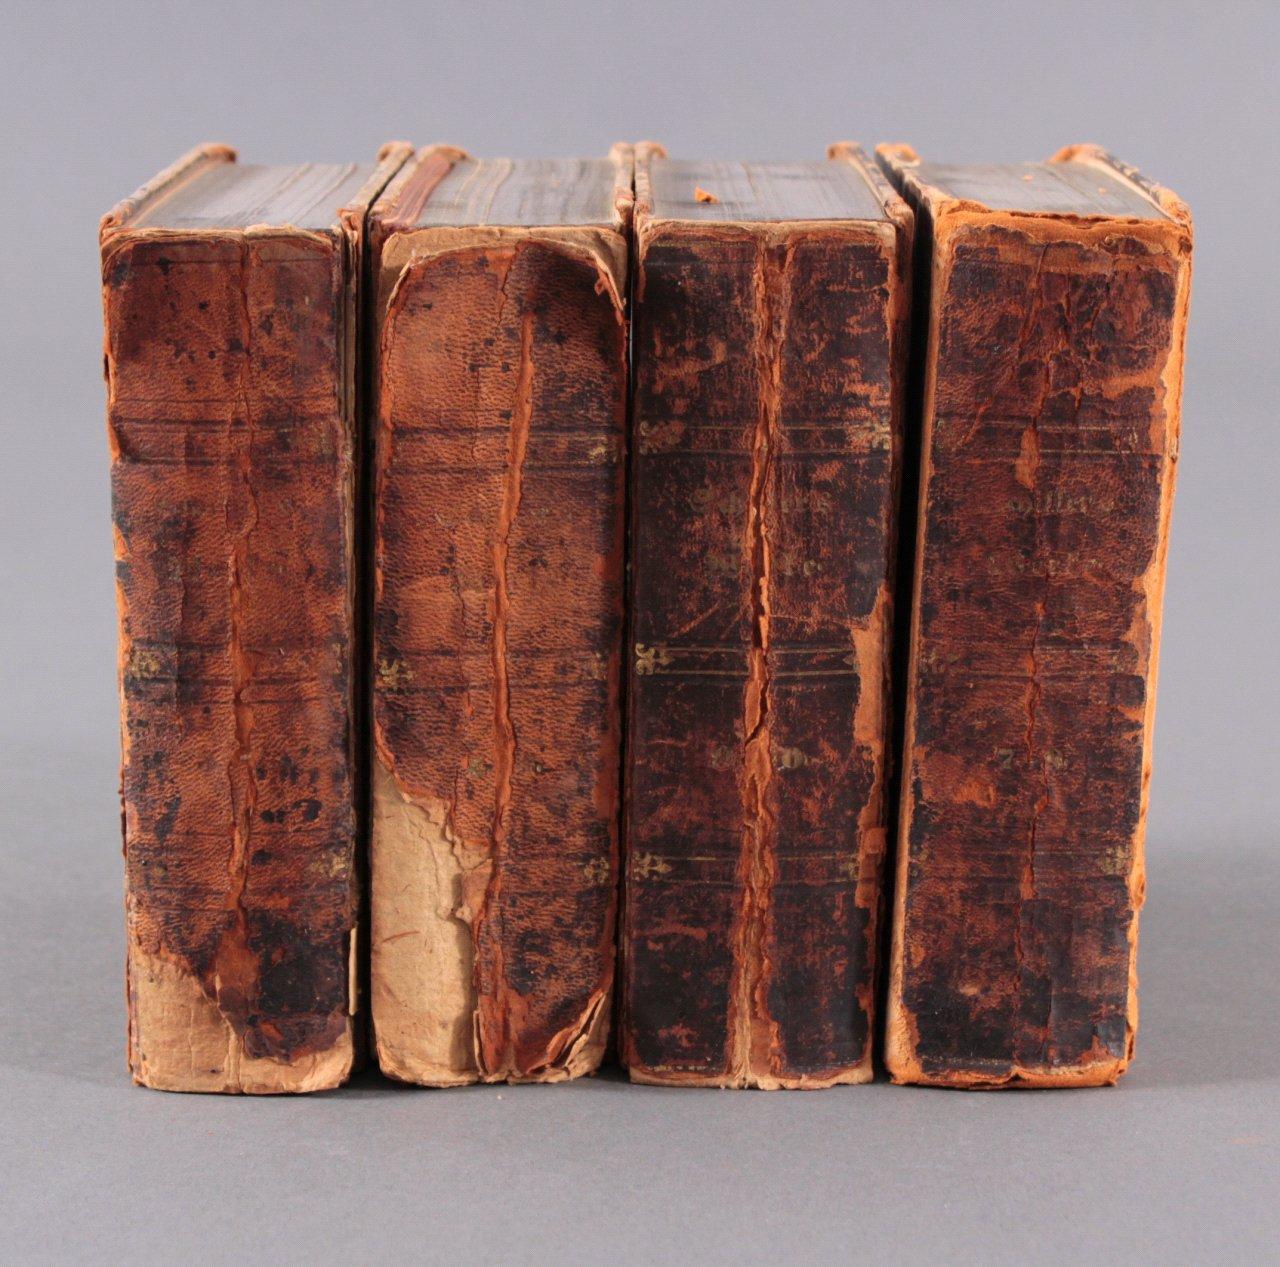 8 Bände aus Schillers sämmtliche Werke in zwölf Bänden, 1868